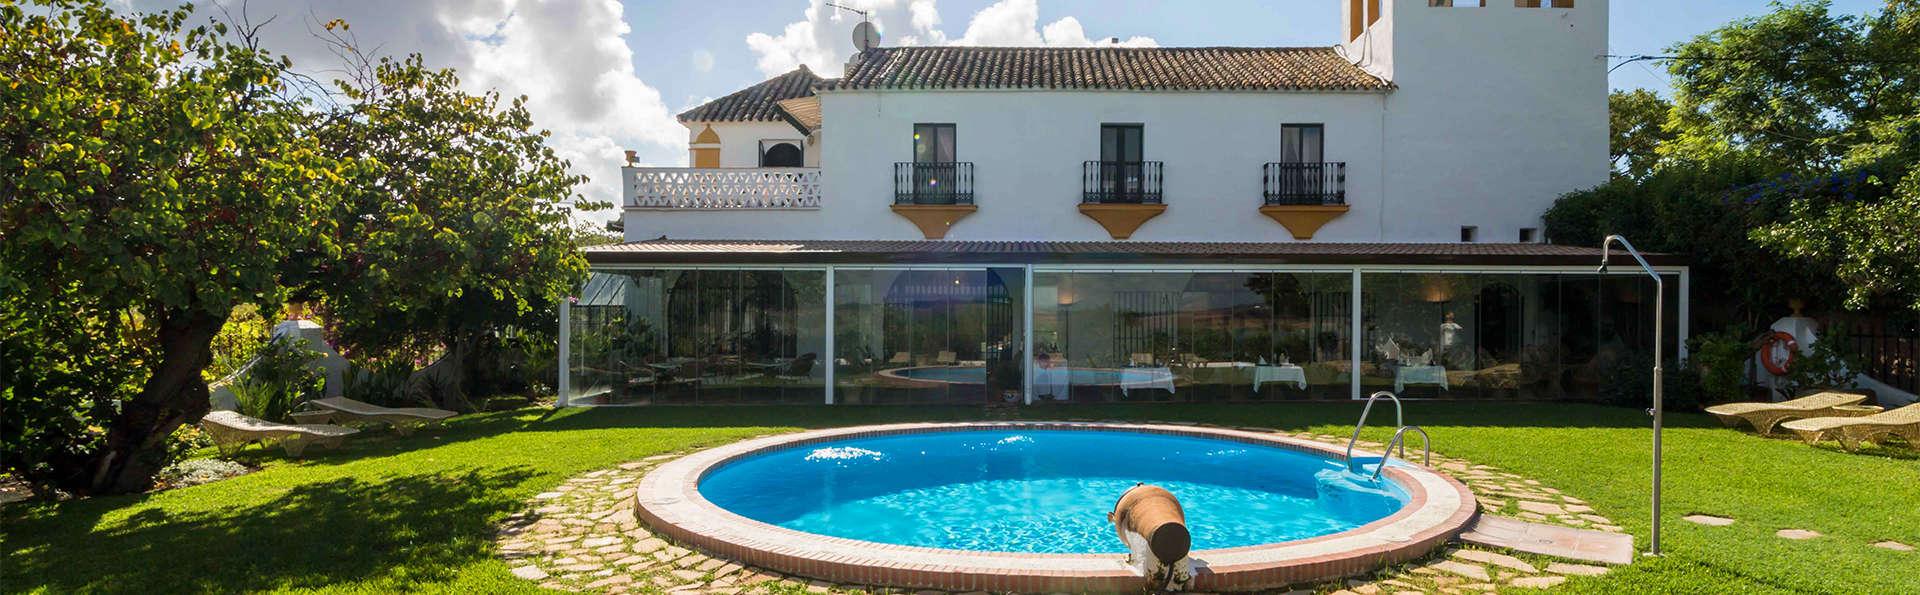 Hacienda El Santiscal (Adults Only) - EDIT_Exterior.jpg